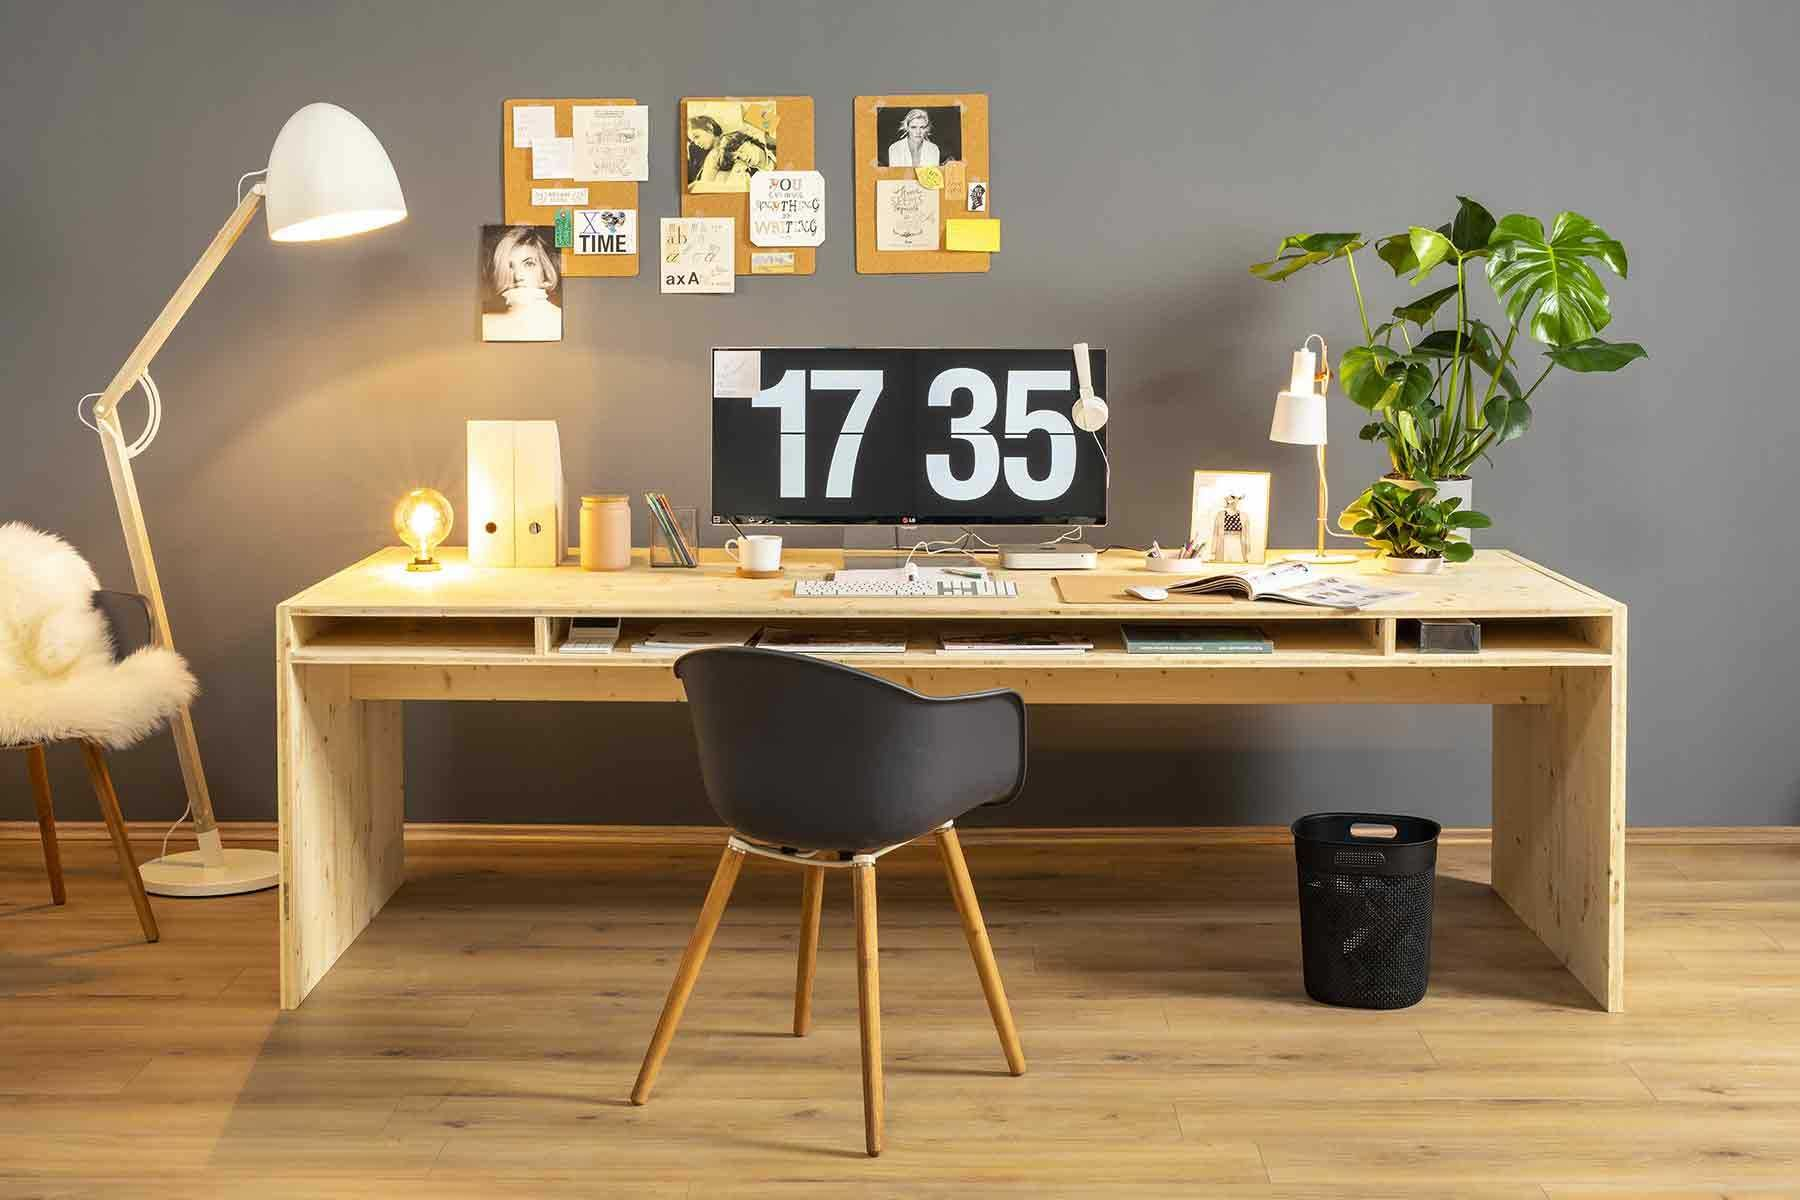 Schreibtisch Otto Selber Bauen Alle Mobel In 2020 Schreibtisch Selber Bauen Schreibtisch Otto Und Tisch Selber Bauen